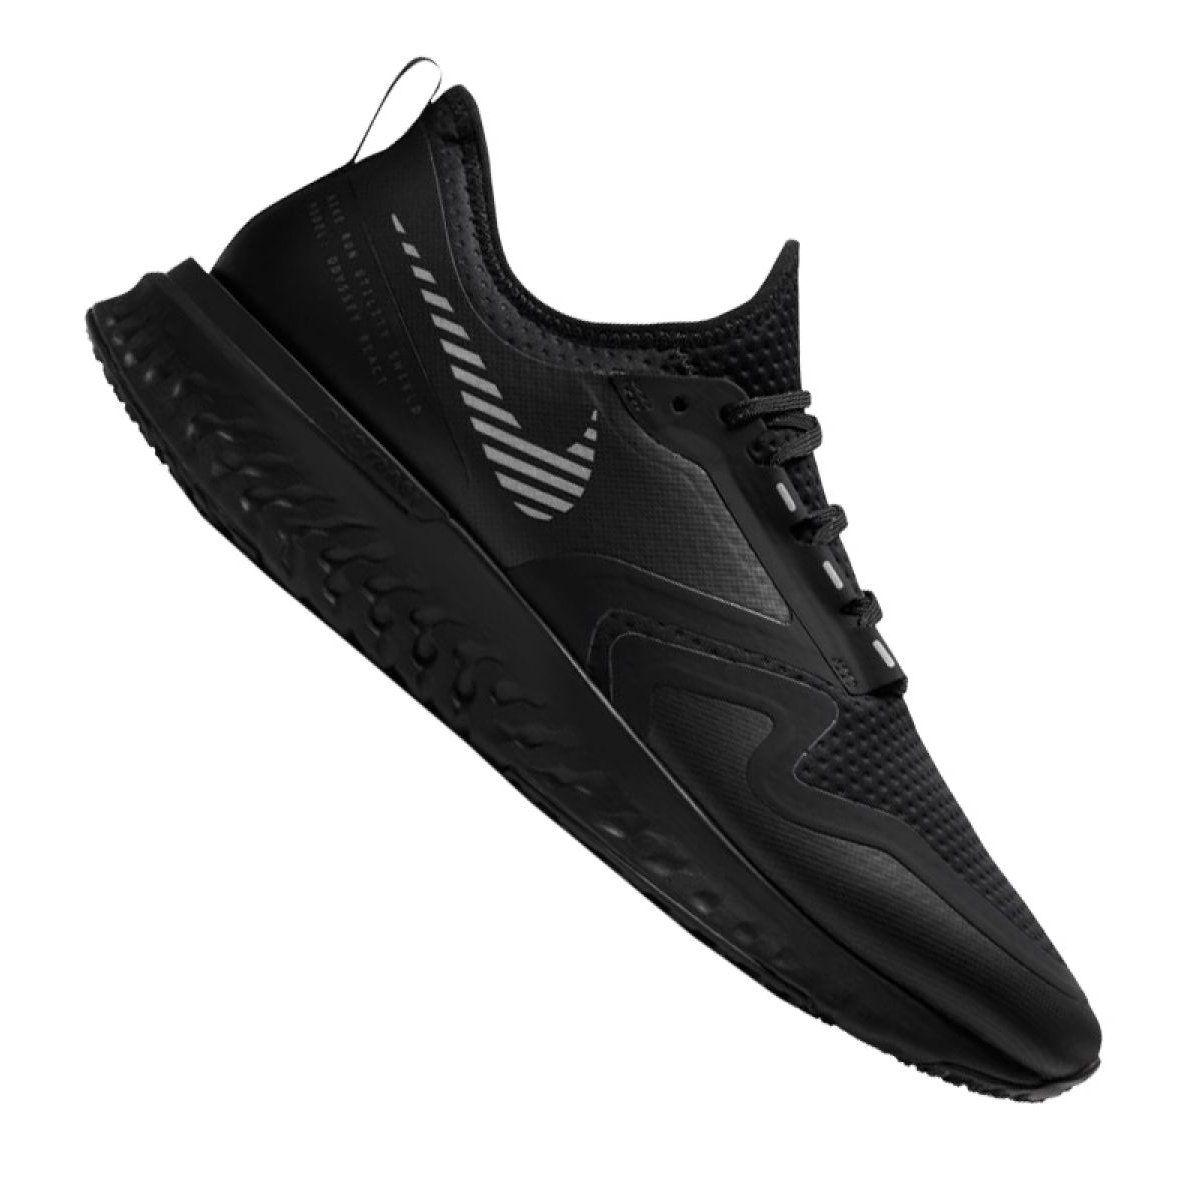 Buty Do Biegania Nike Odyssey React 2 Shield M Bq1671 001 Czarne Black Running Shoes Running Shoes Running Shoes Nike